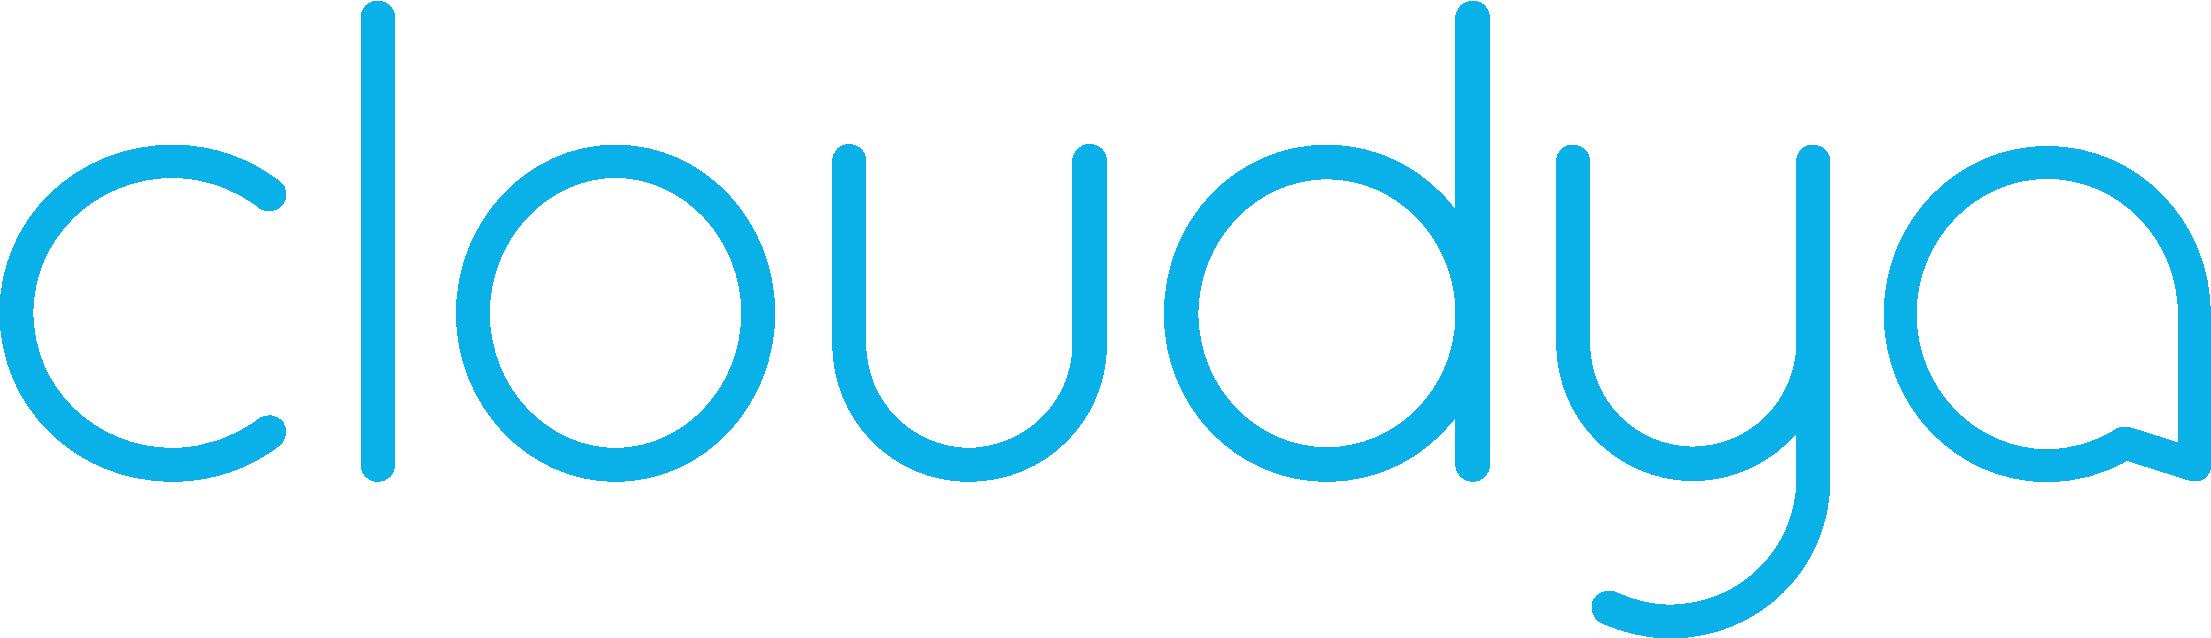 NFON_Logo_Cloudya_cyan